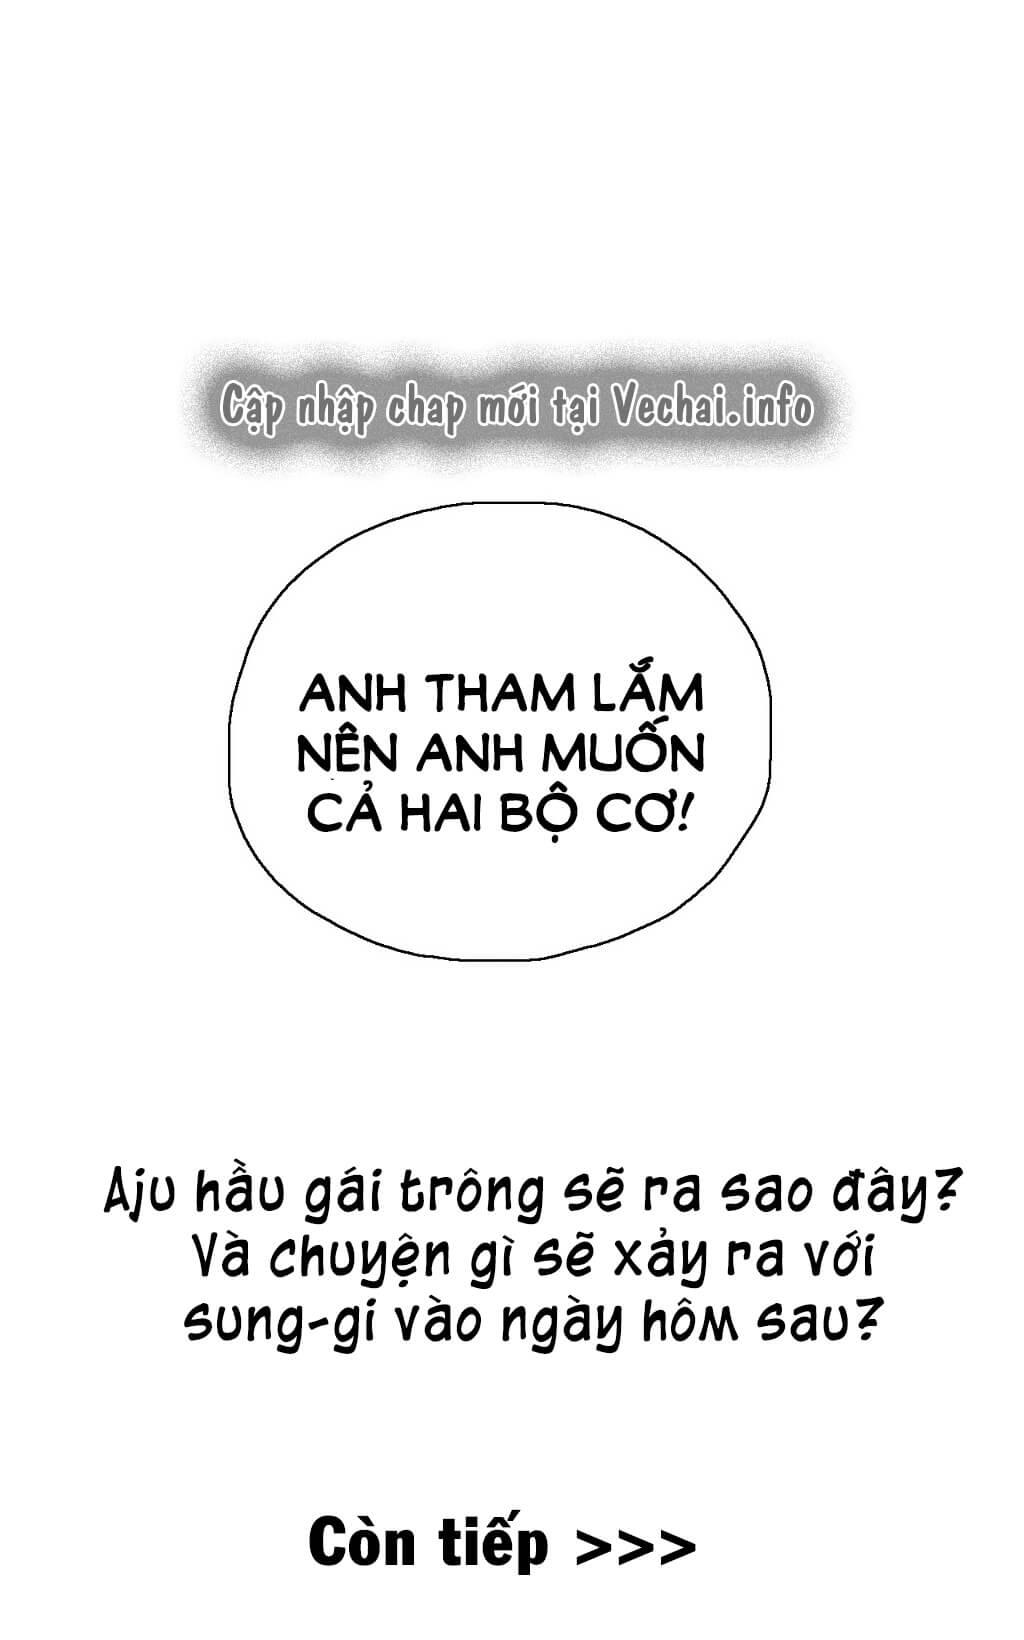 Hình ảnh HINH_00027 in Dàn Harem Của Thằng main Bựa